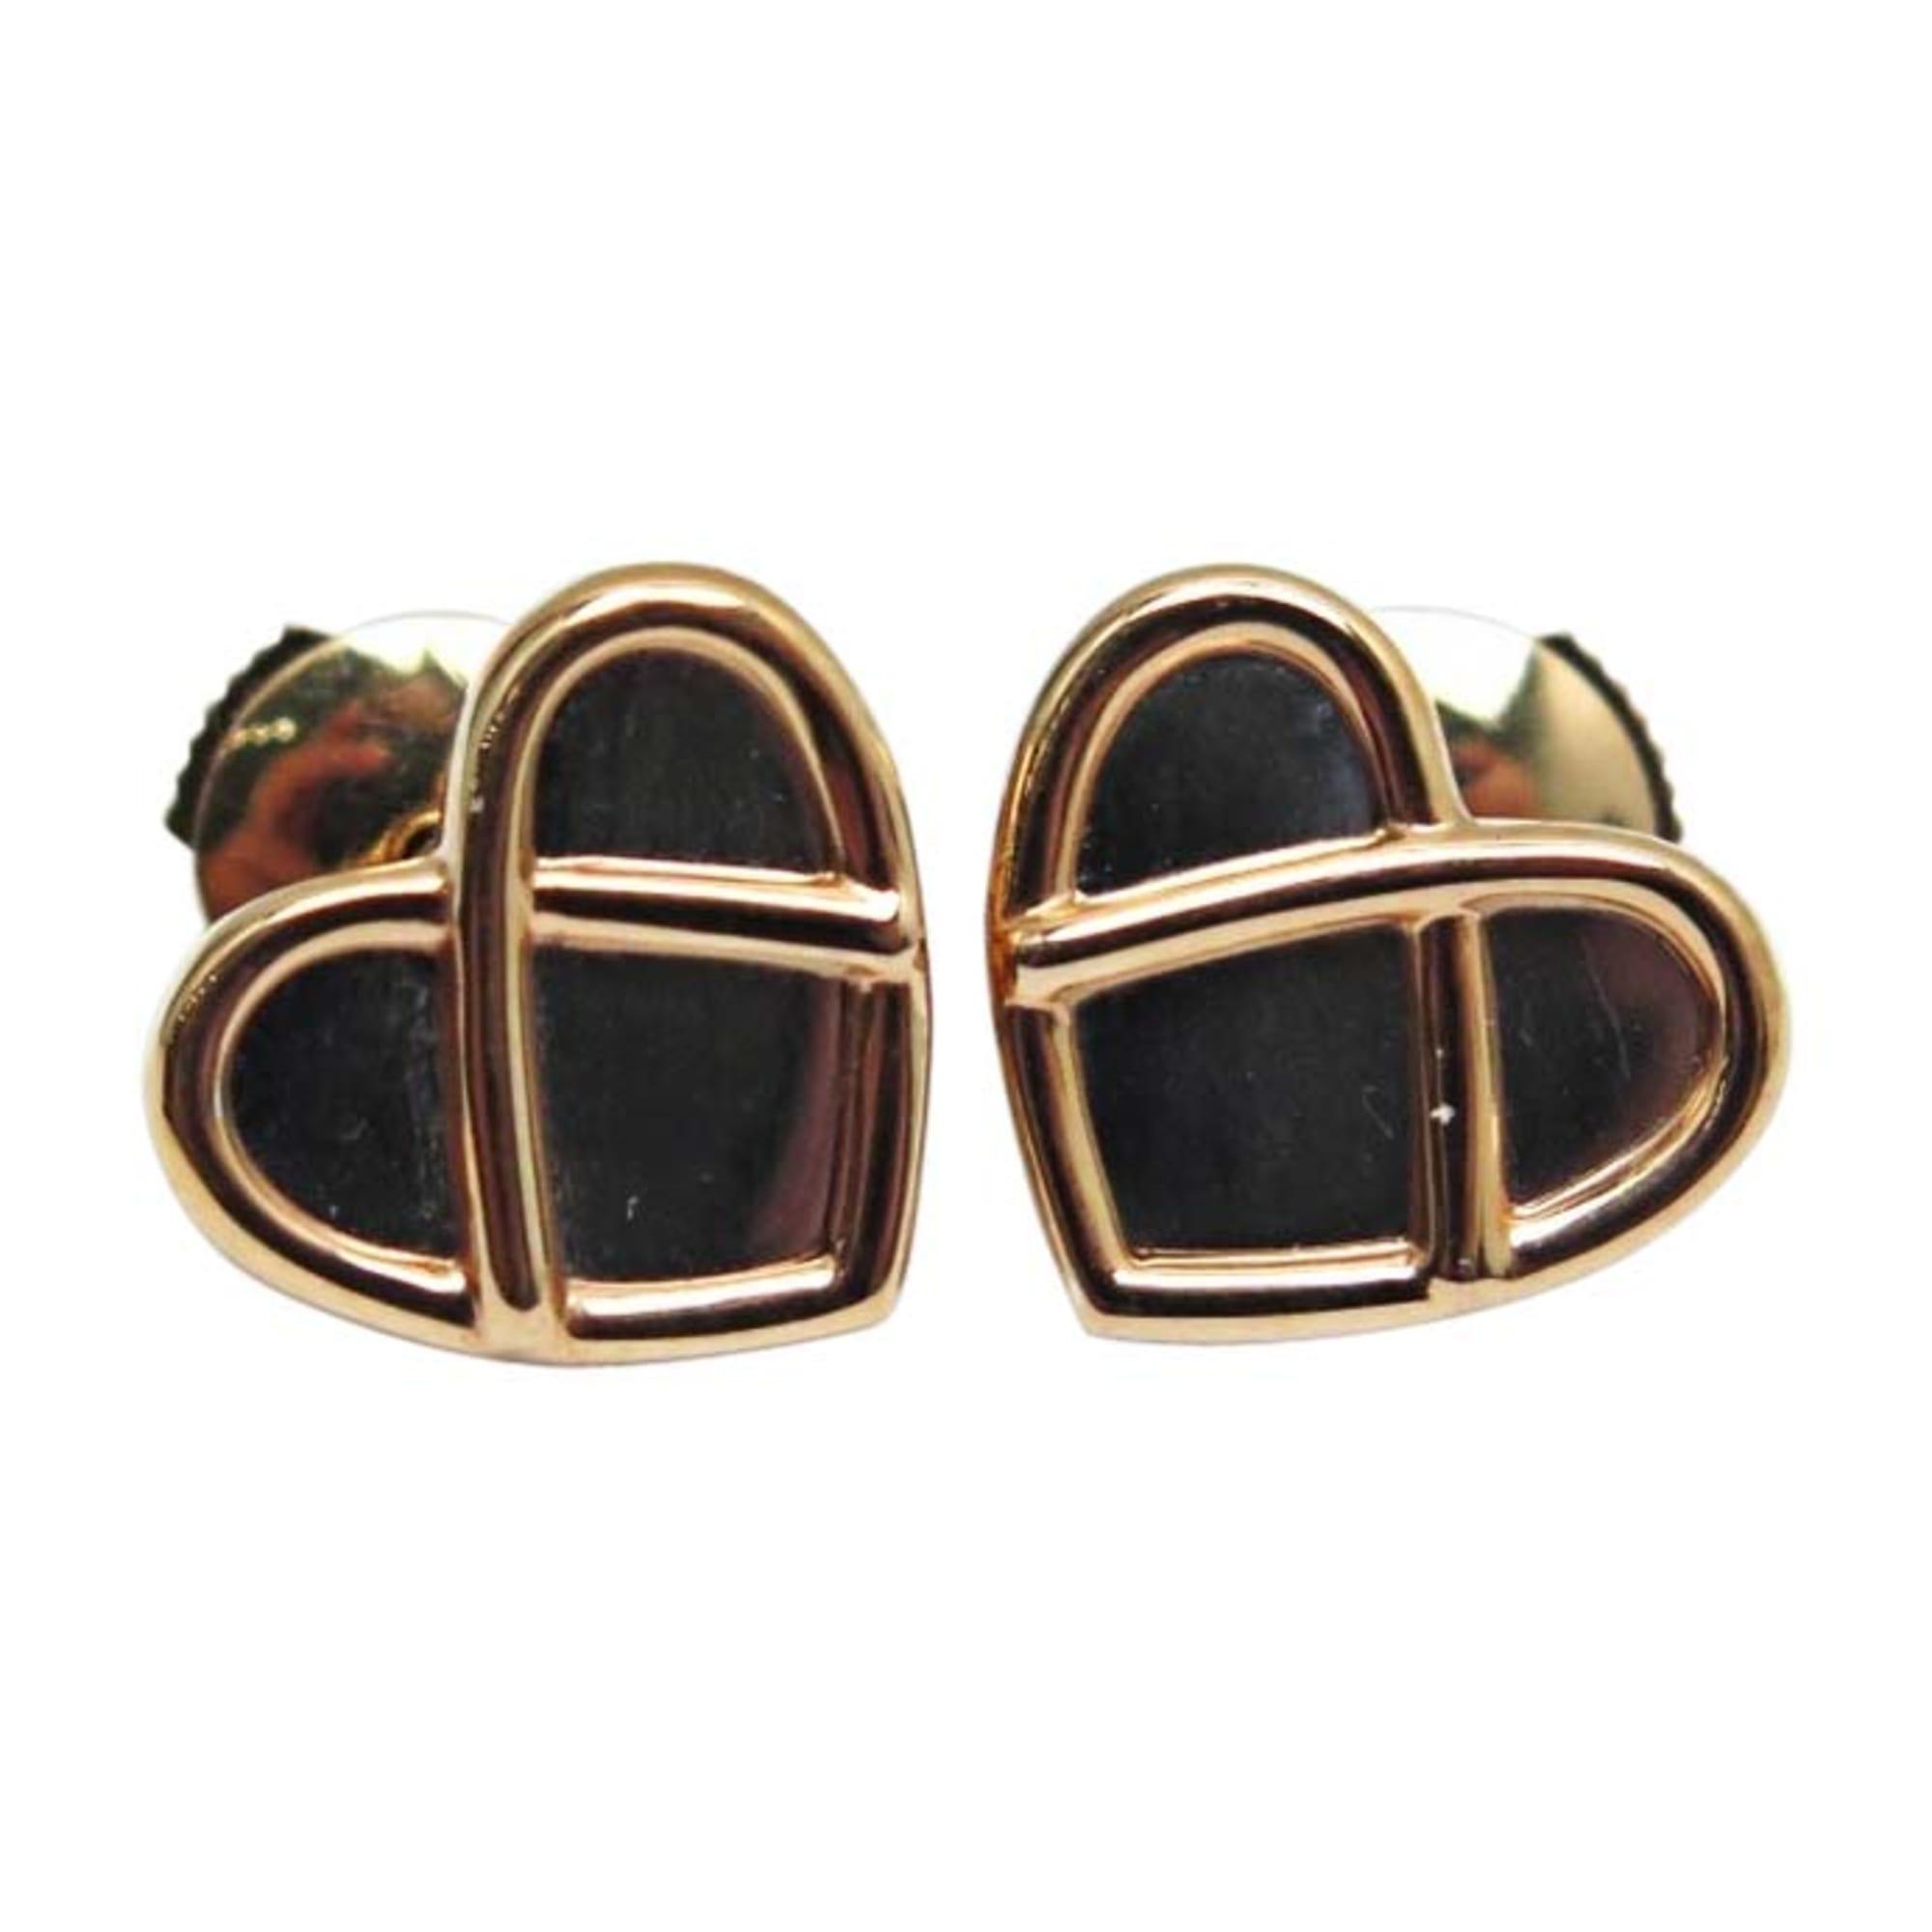 Boucles d'oreilles POIRAY Doré, bronze, cuivre